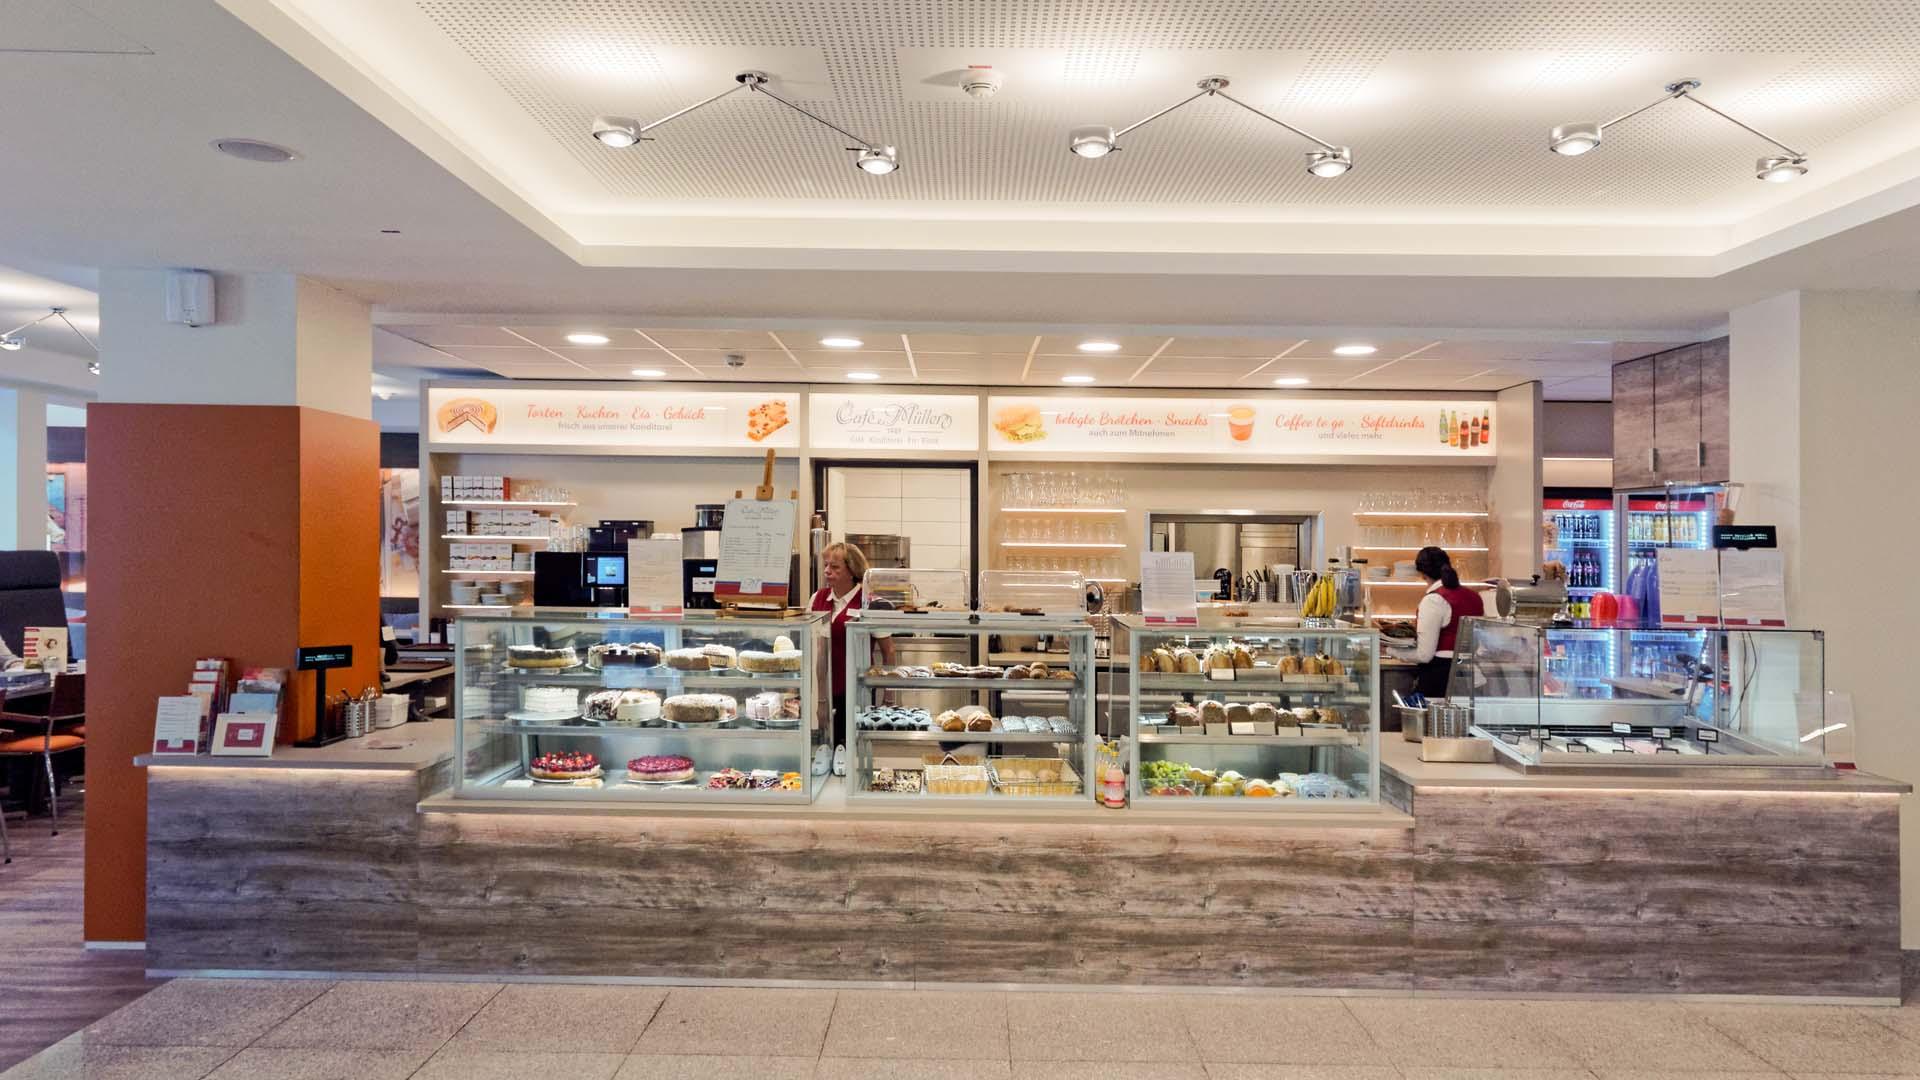 celle-cafe-m-ller-akh-4